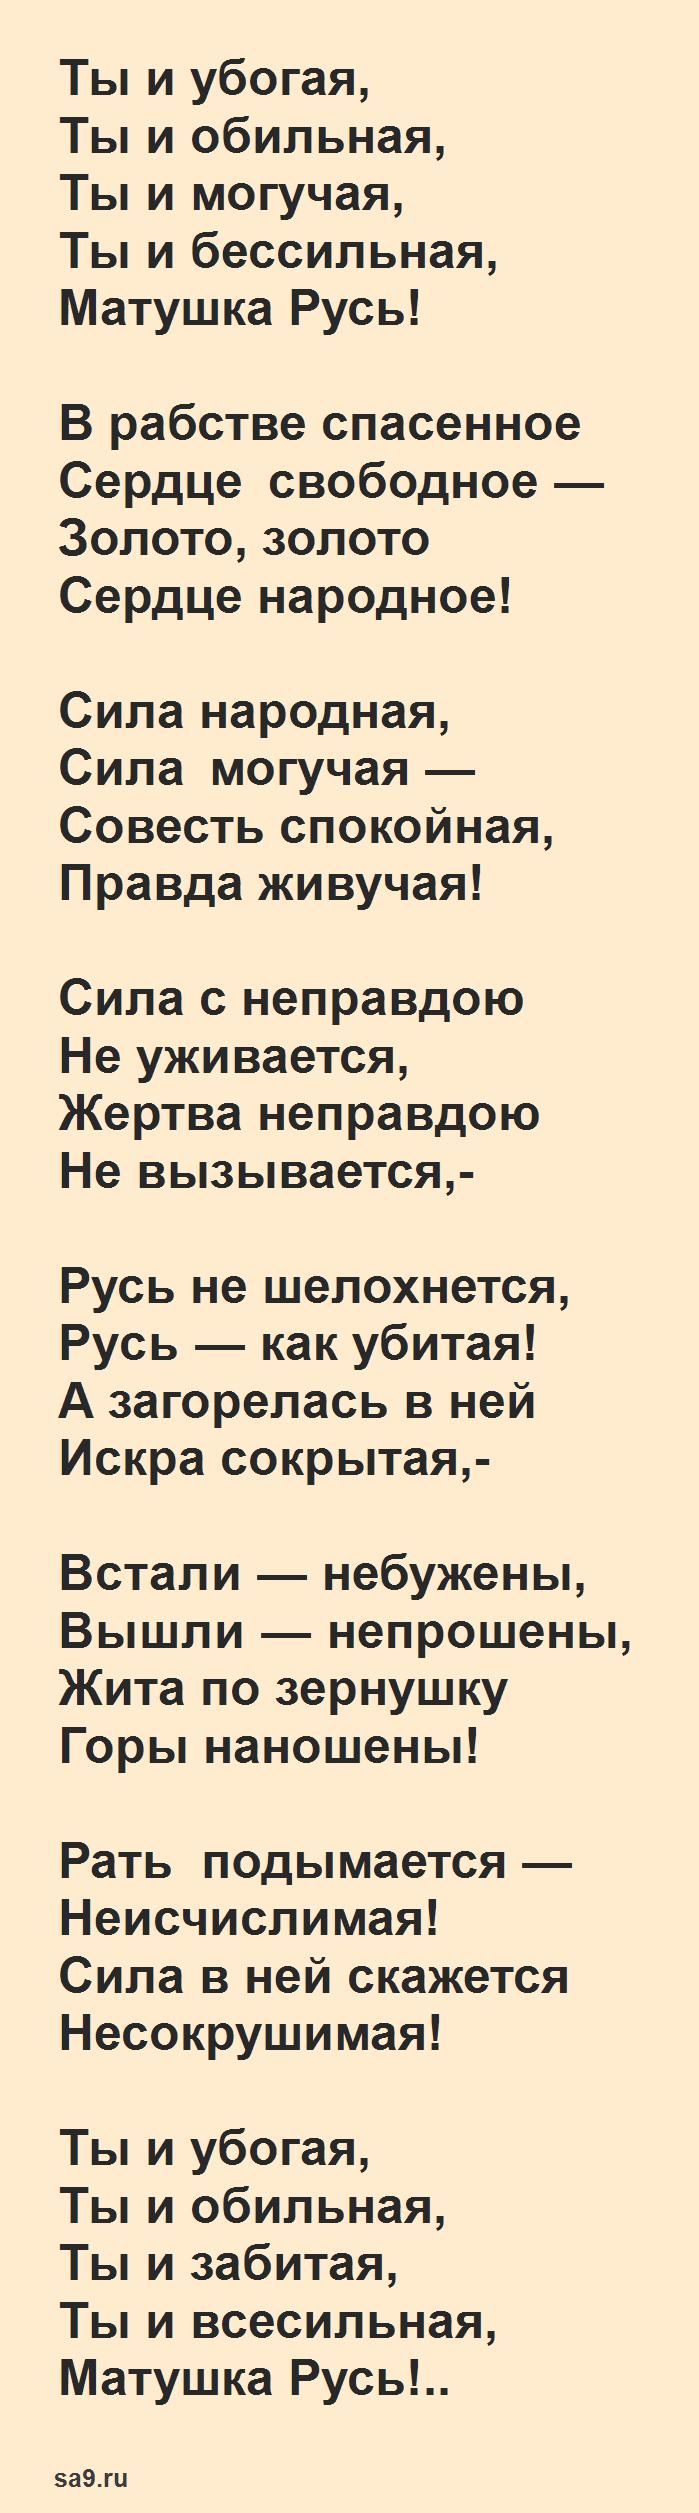 Стих Русь Некрасов легко учащиеся